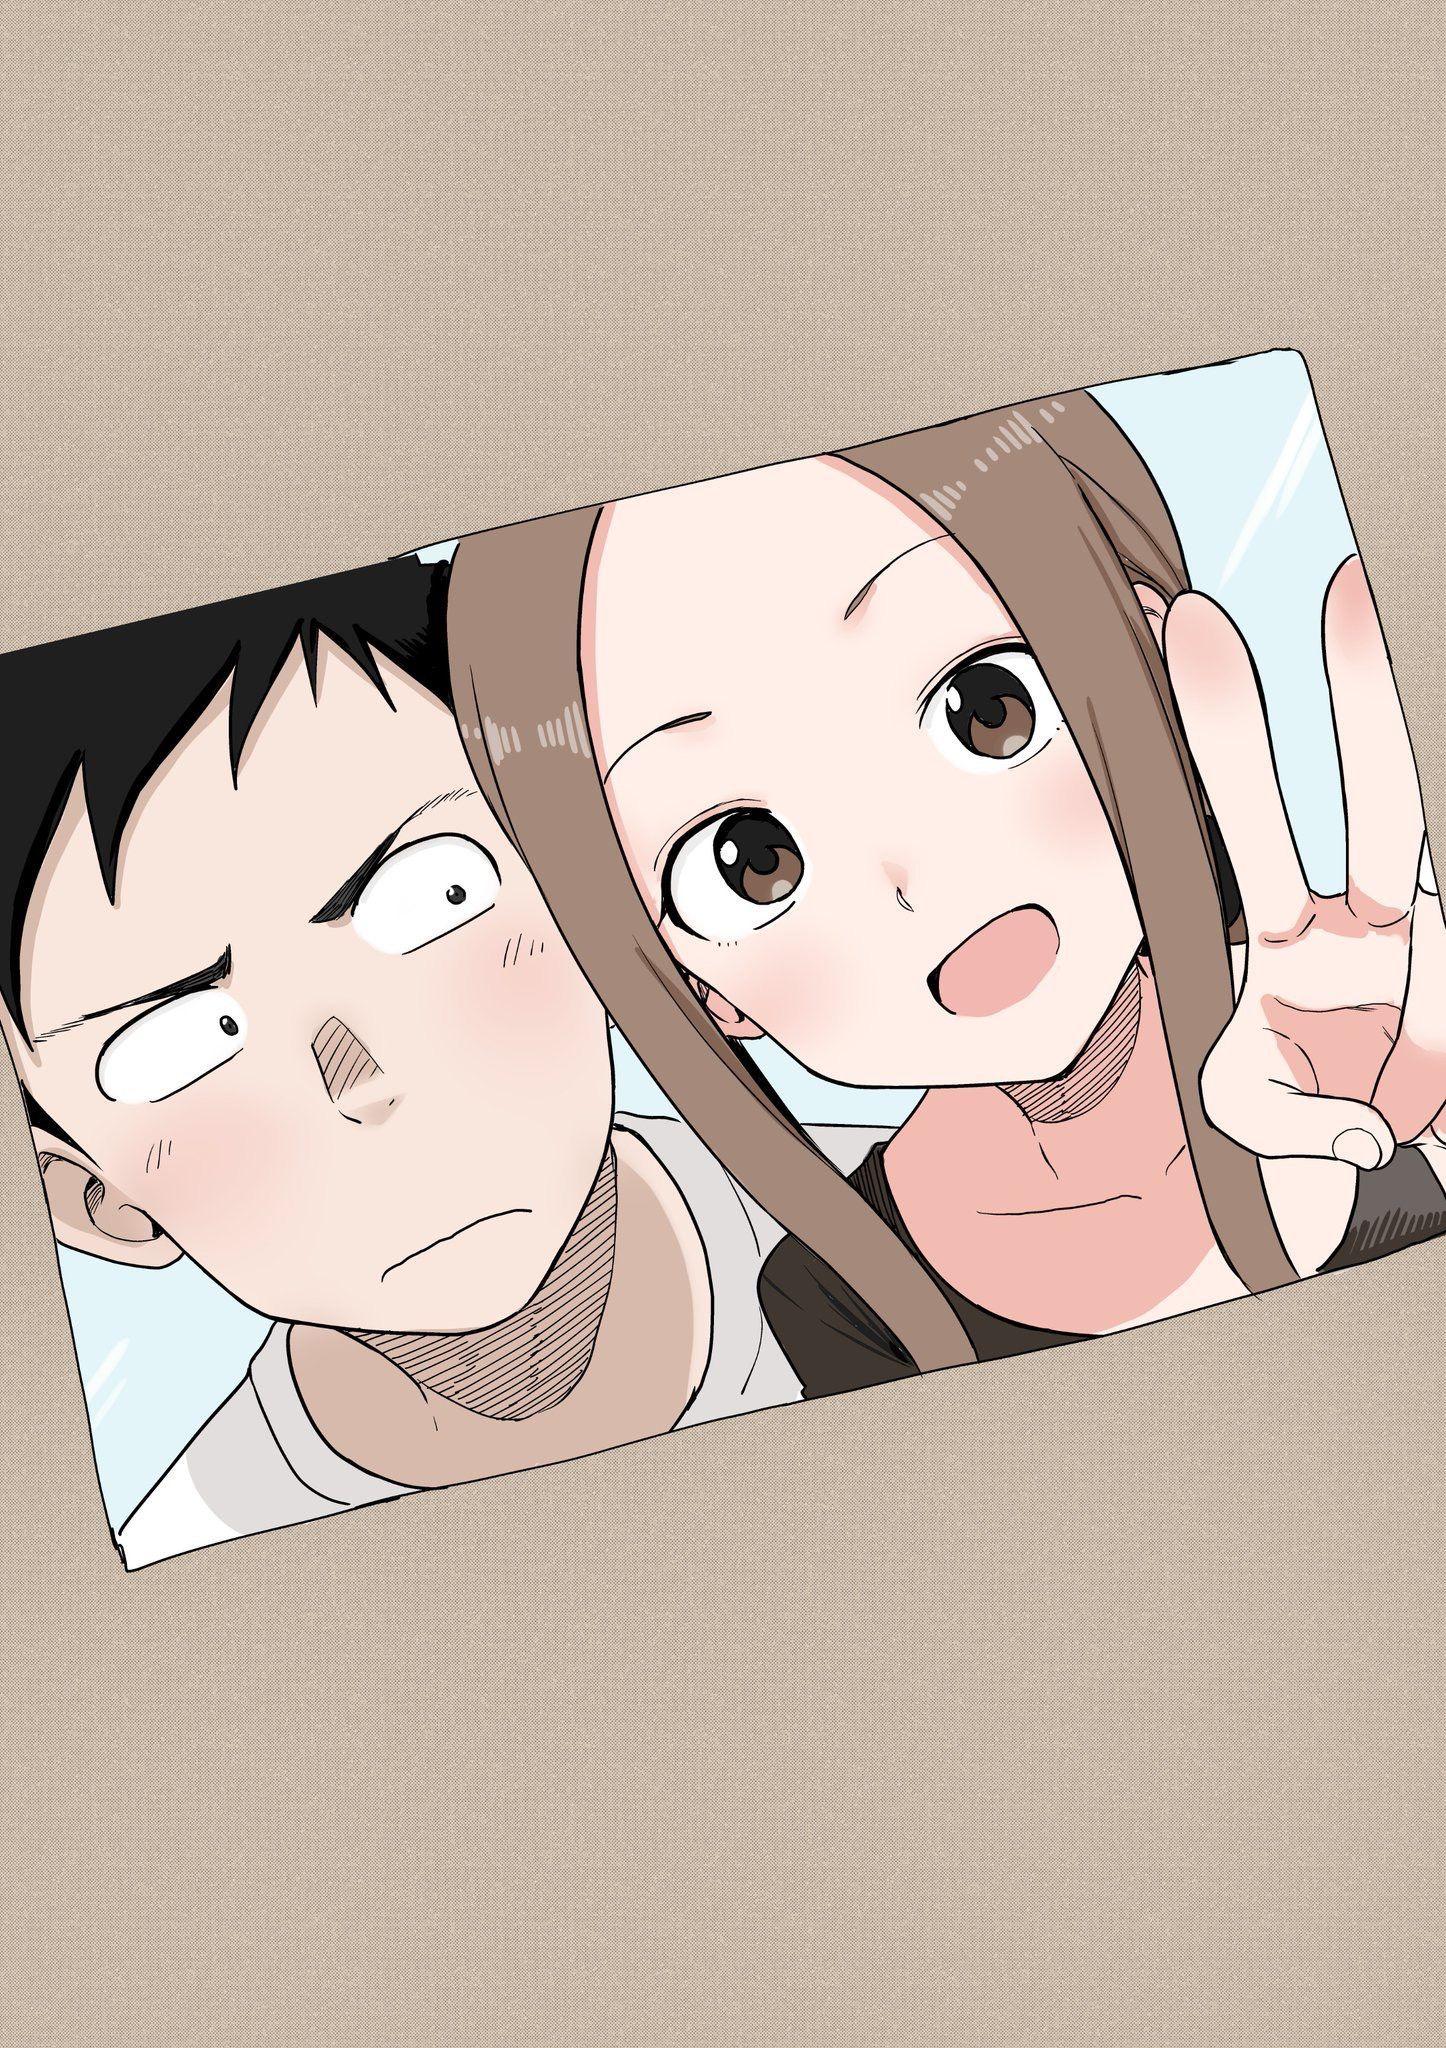 漫画シリーズ 人気漫画 in 2020 Anime character drawing, Takagi